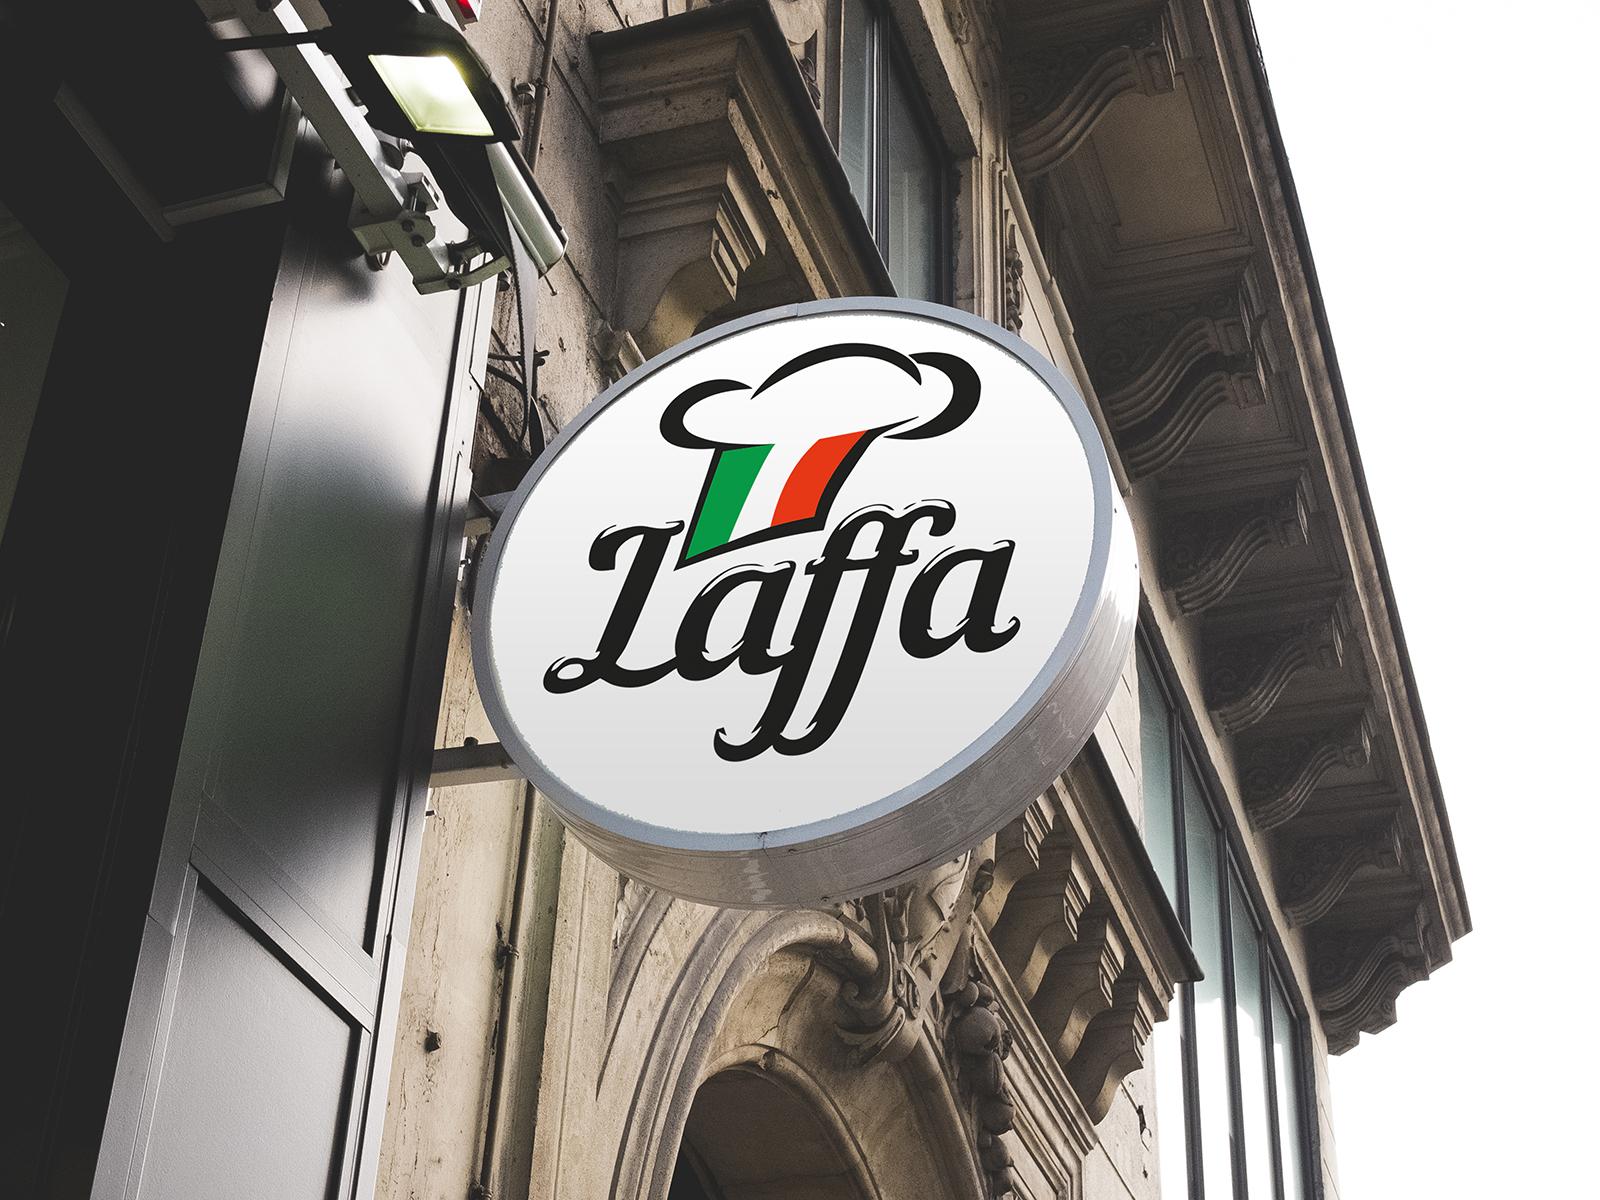 Нужно нарисовать логотип для семейного итальянского ресторан фото f_356554afbcded583.jpg